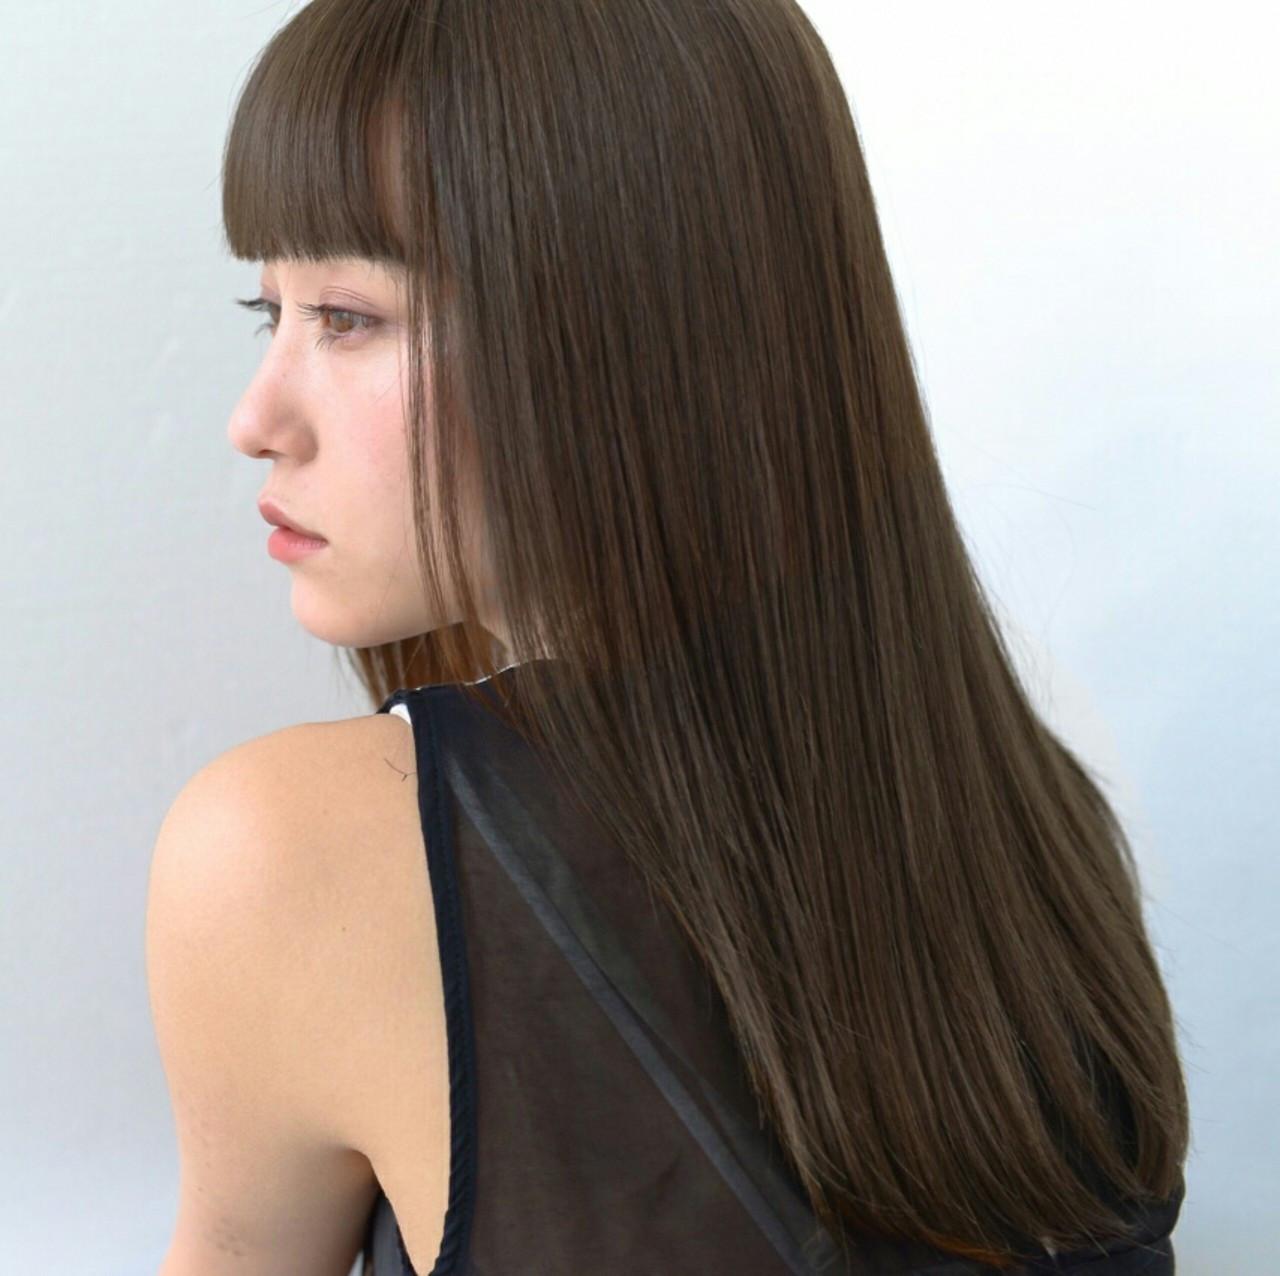 前髪なしの王道ストレートでカッコよさも 萩原 翔志也/vicca